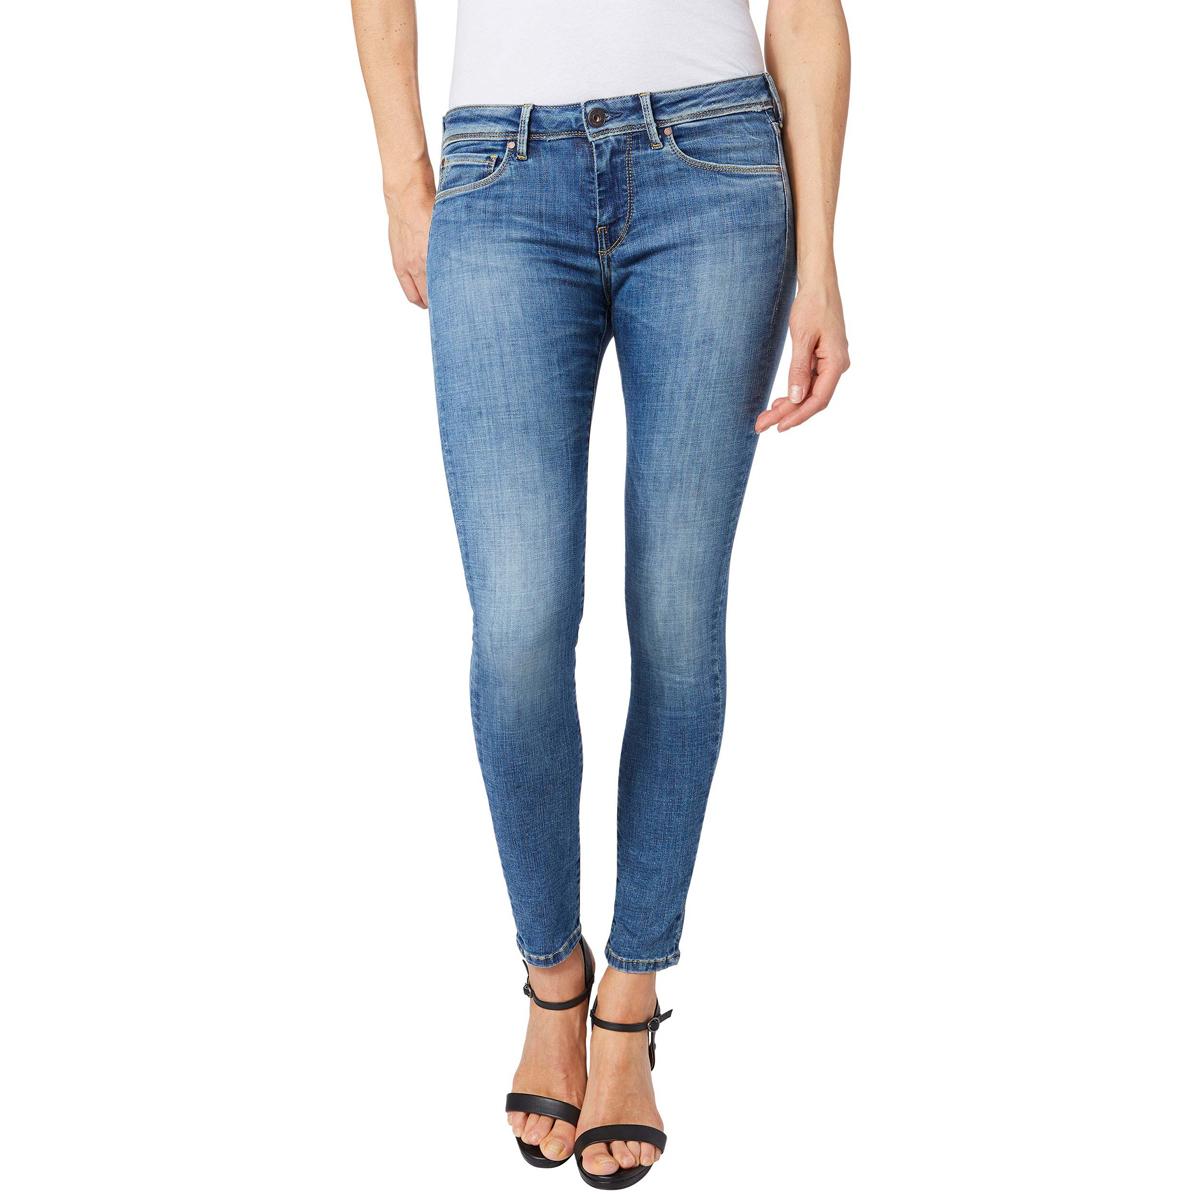 Джинсы женские Pepe Jeans Lola, цвет: сине-голубой. 097.PL201073.GE1.000. Размер 34-30 (52-30)